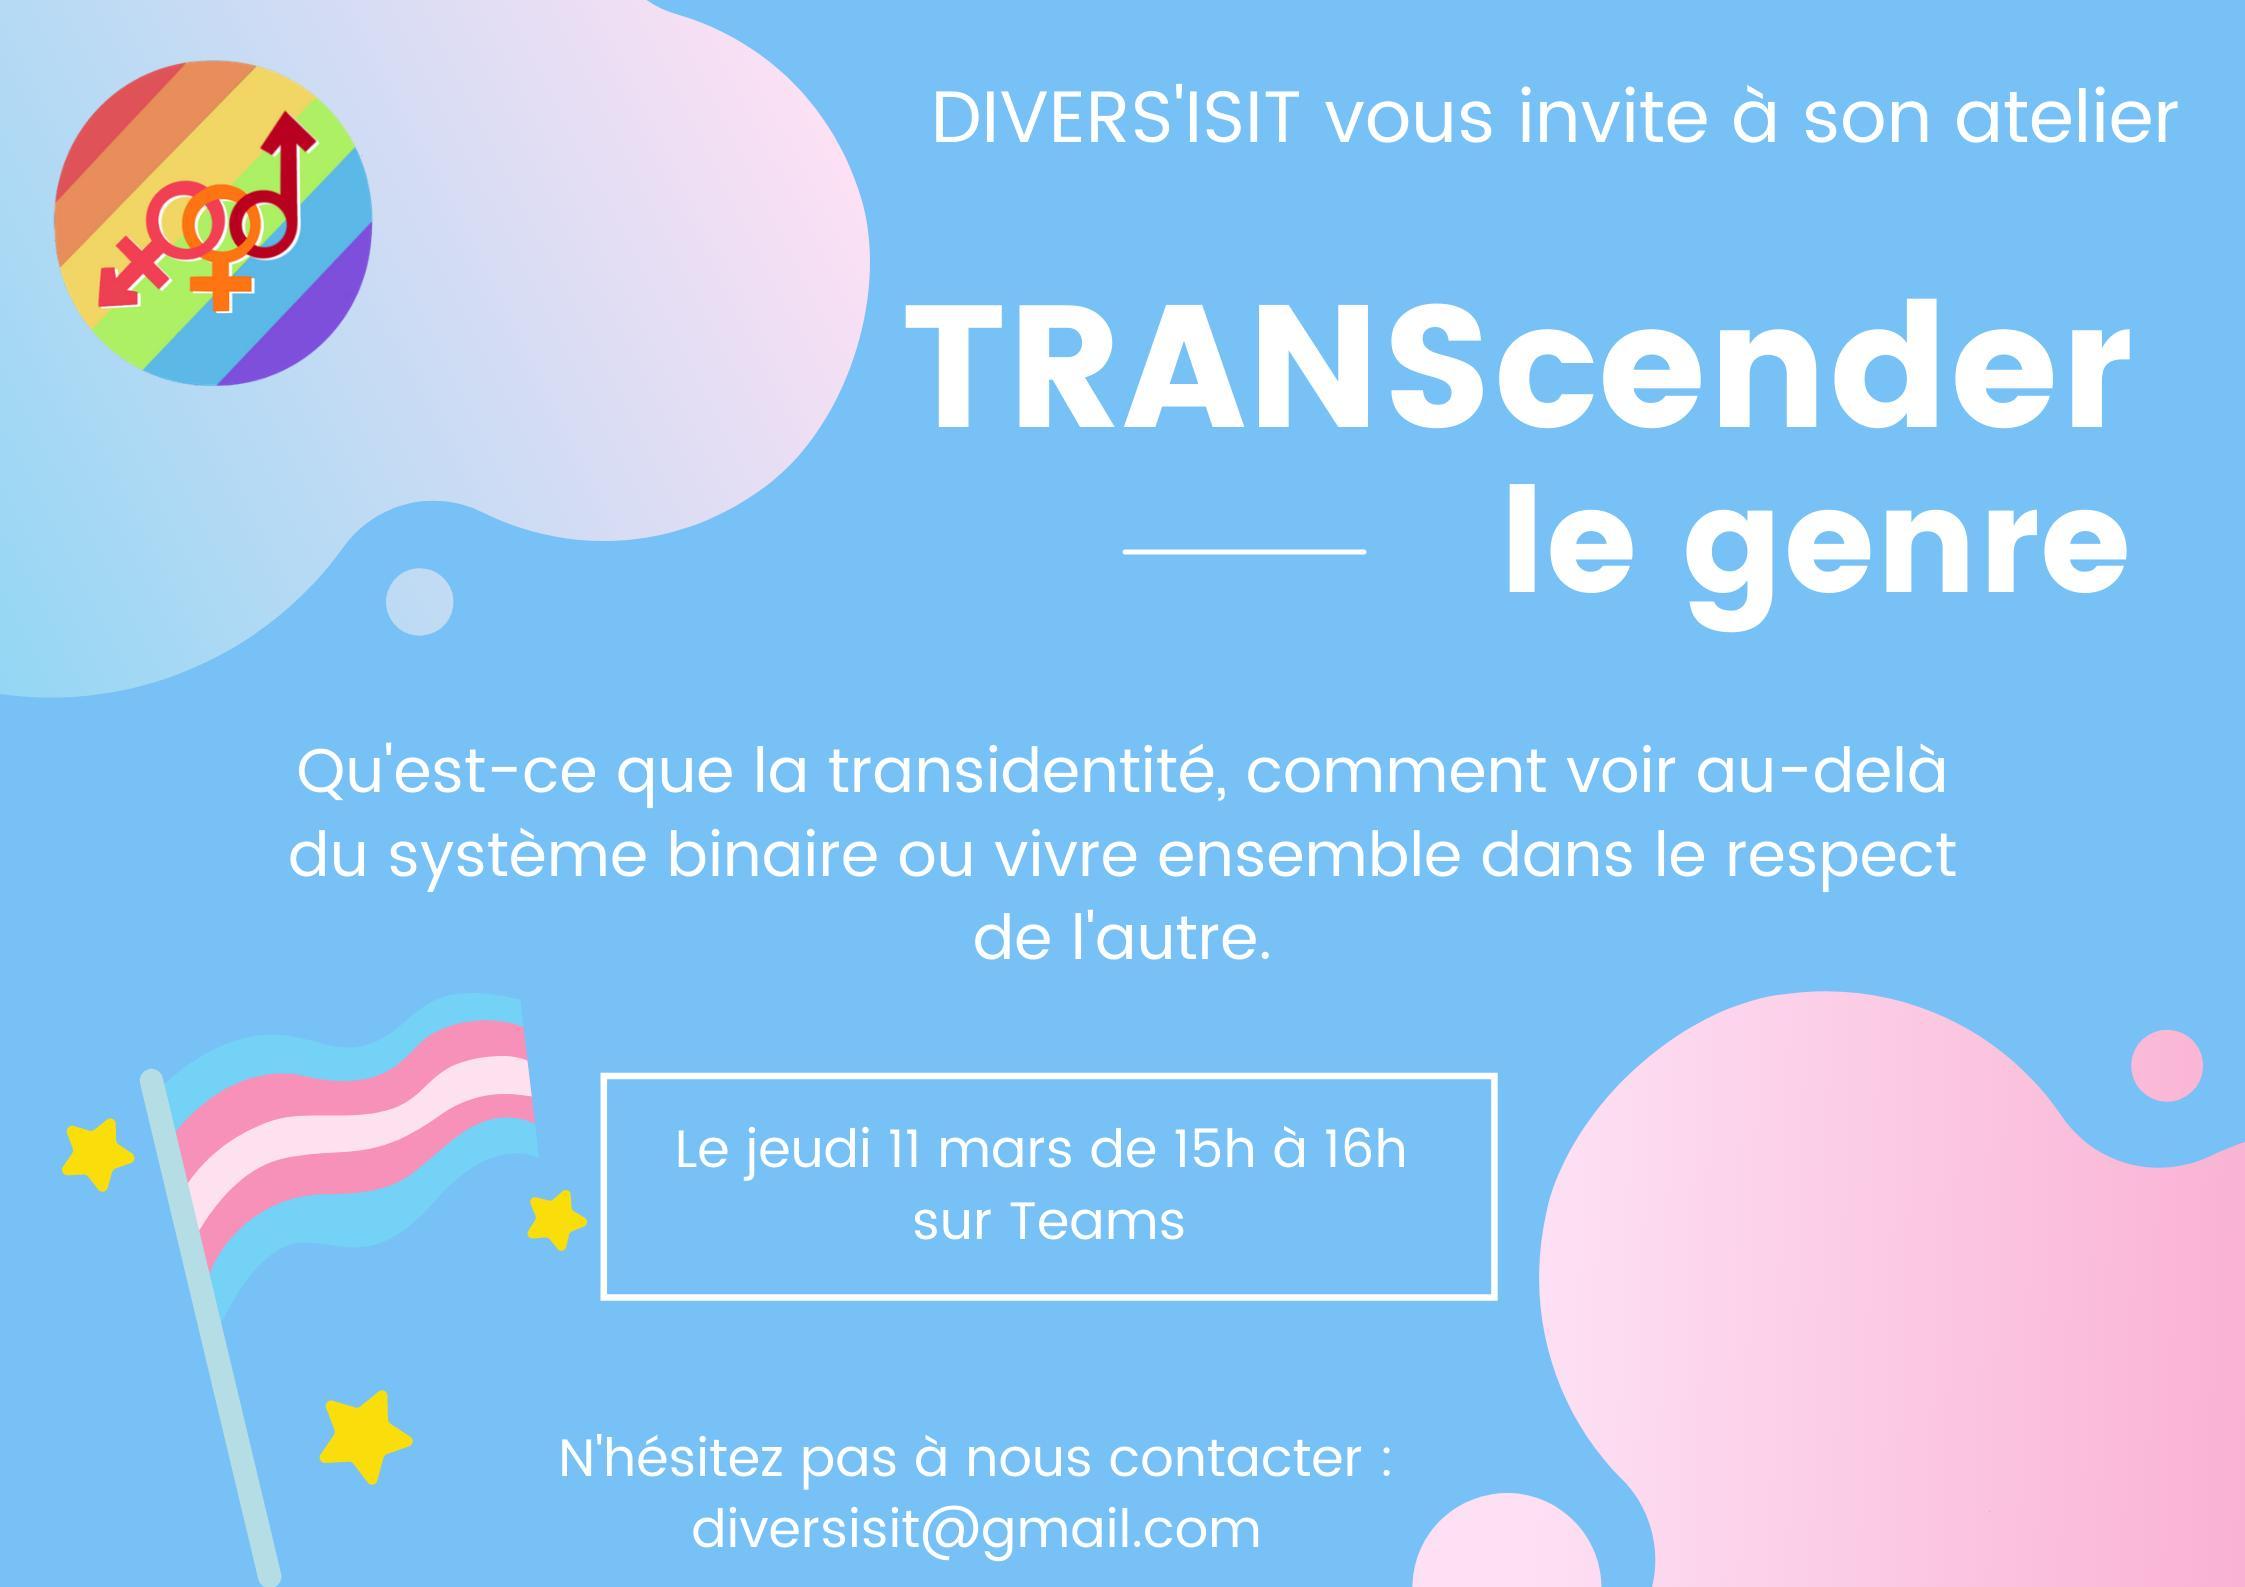 DIVERS'ISIT : TRANScending the gender